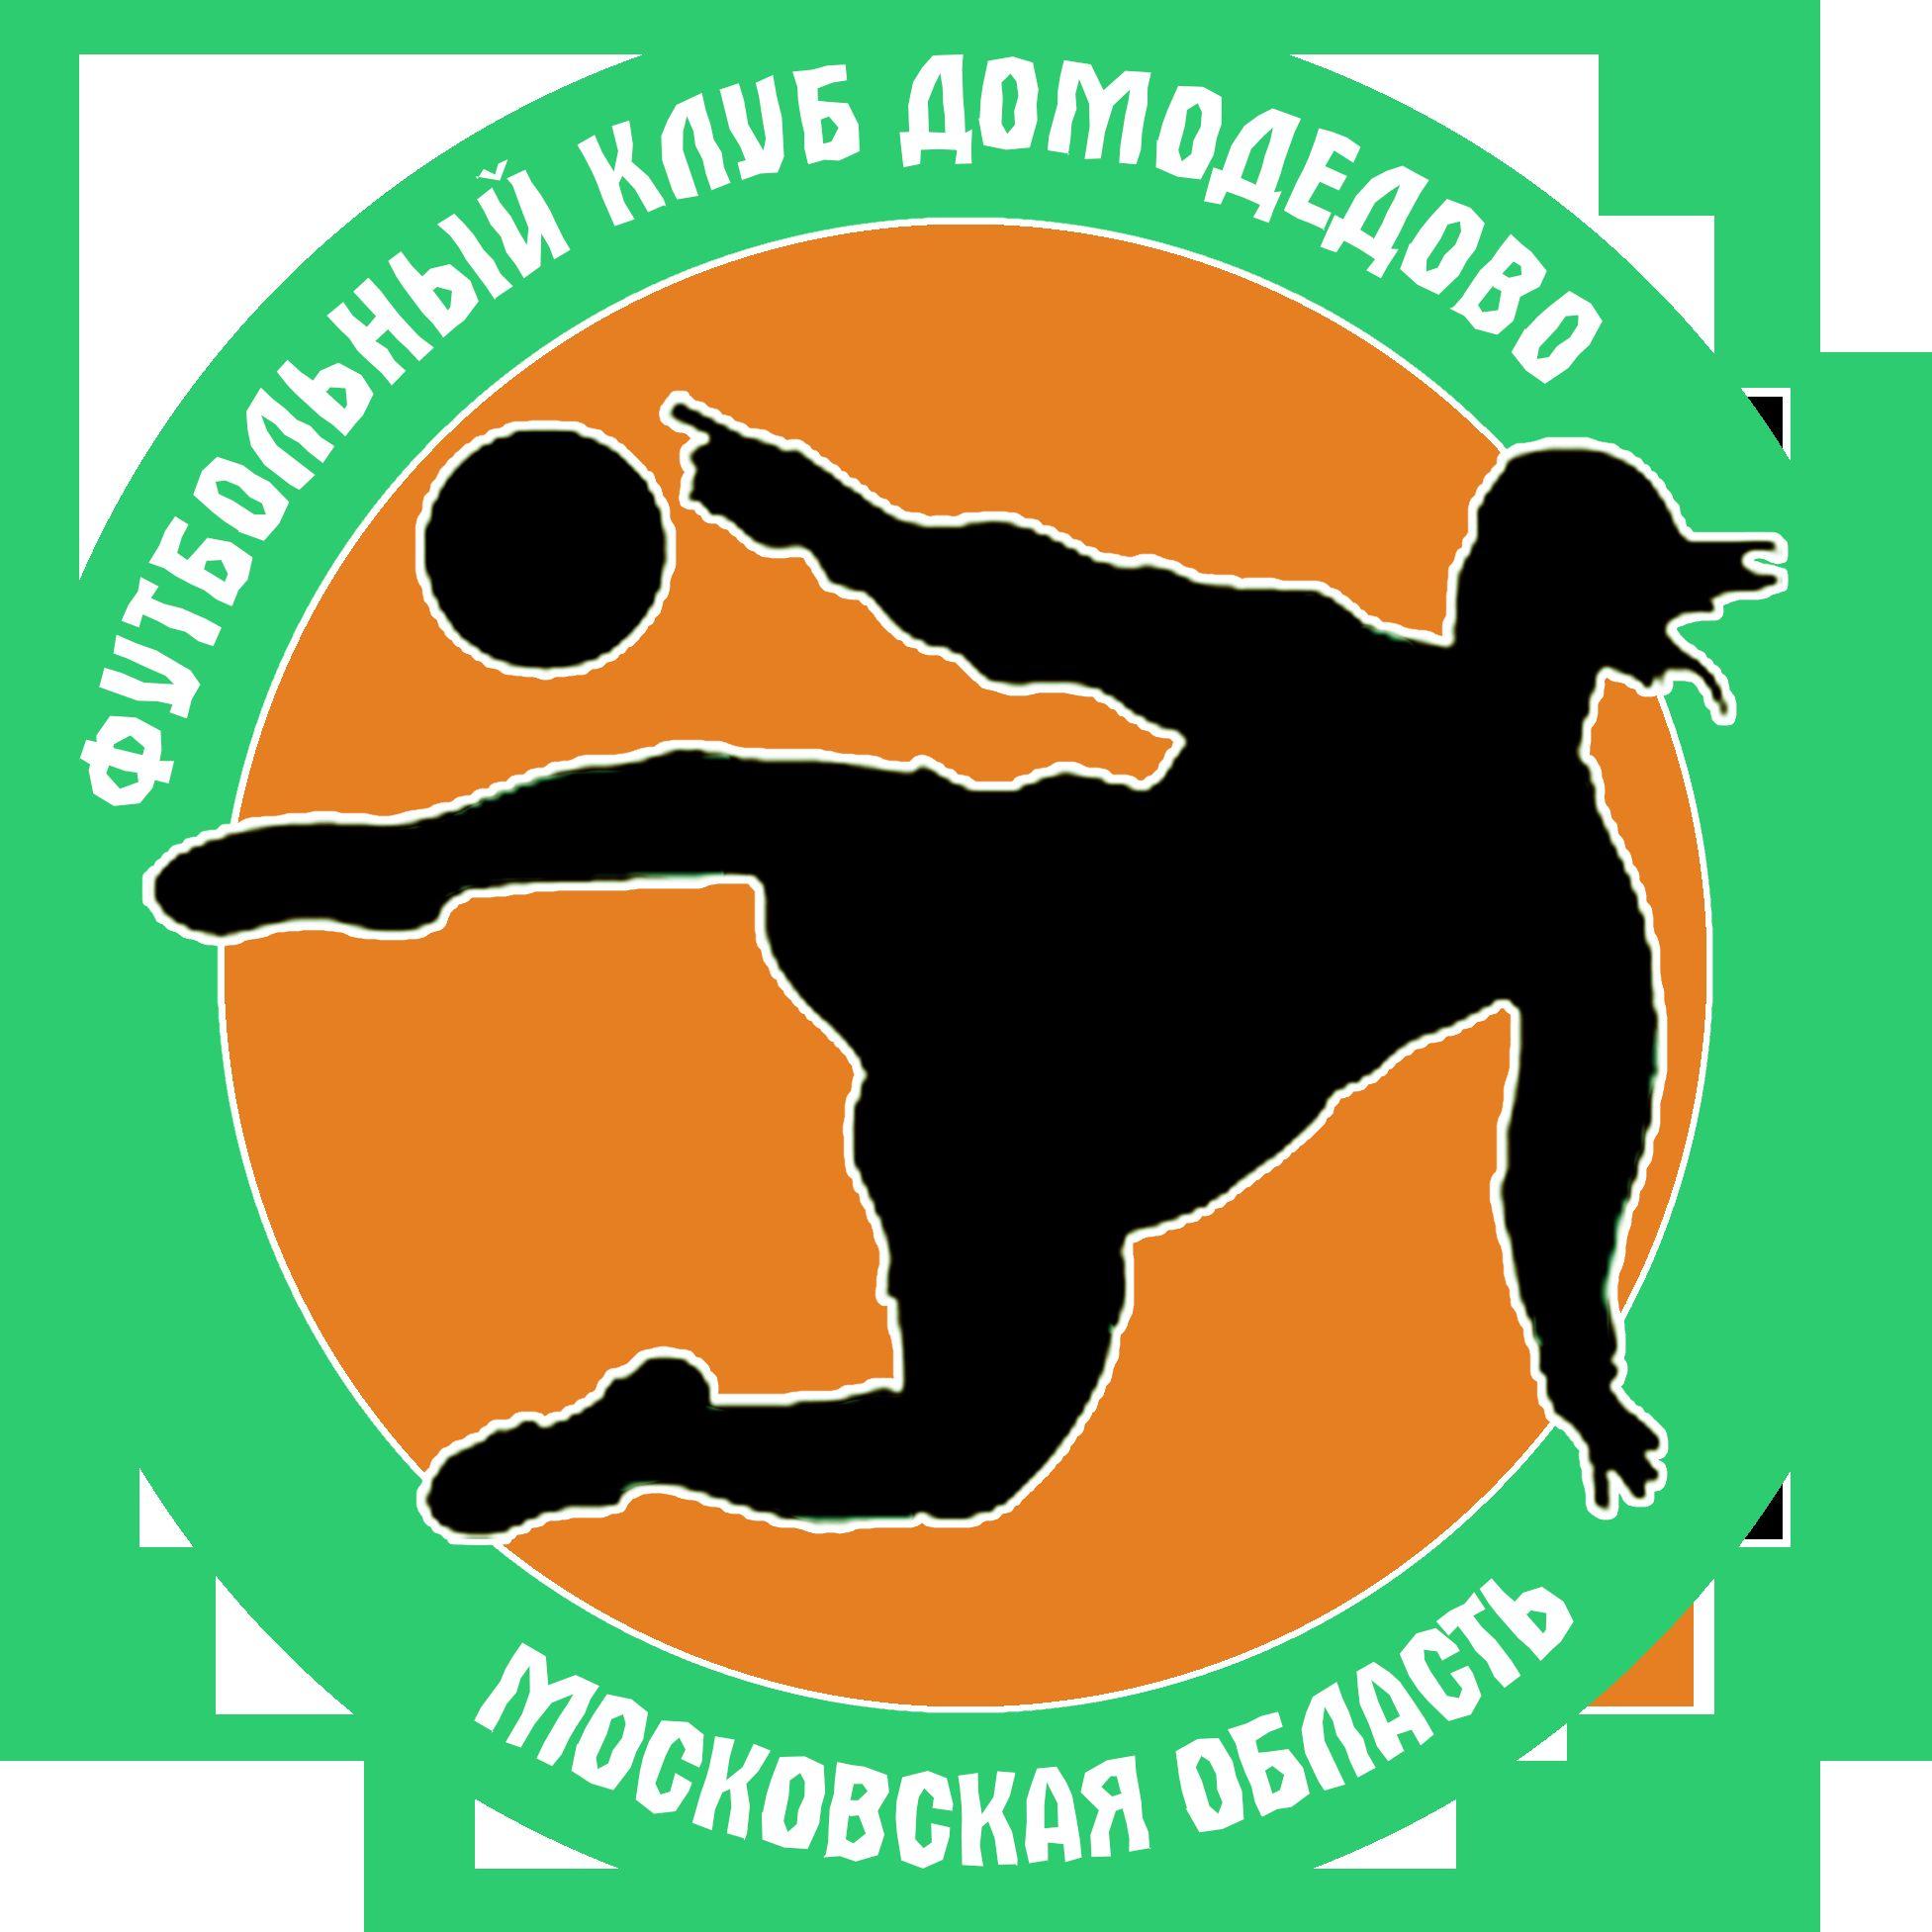 Логотип (Эмблема) для нового Футбольного клуба - дизайнер Ckamax